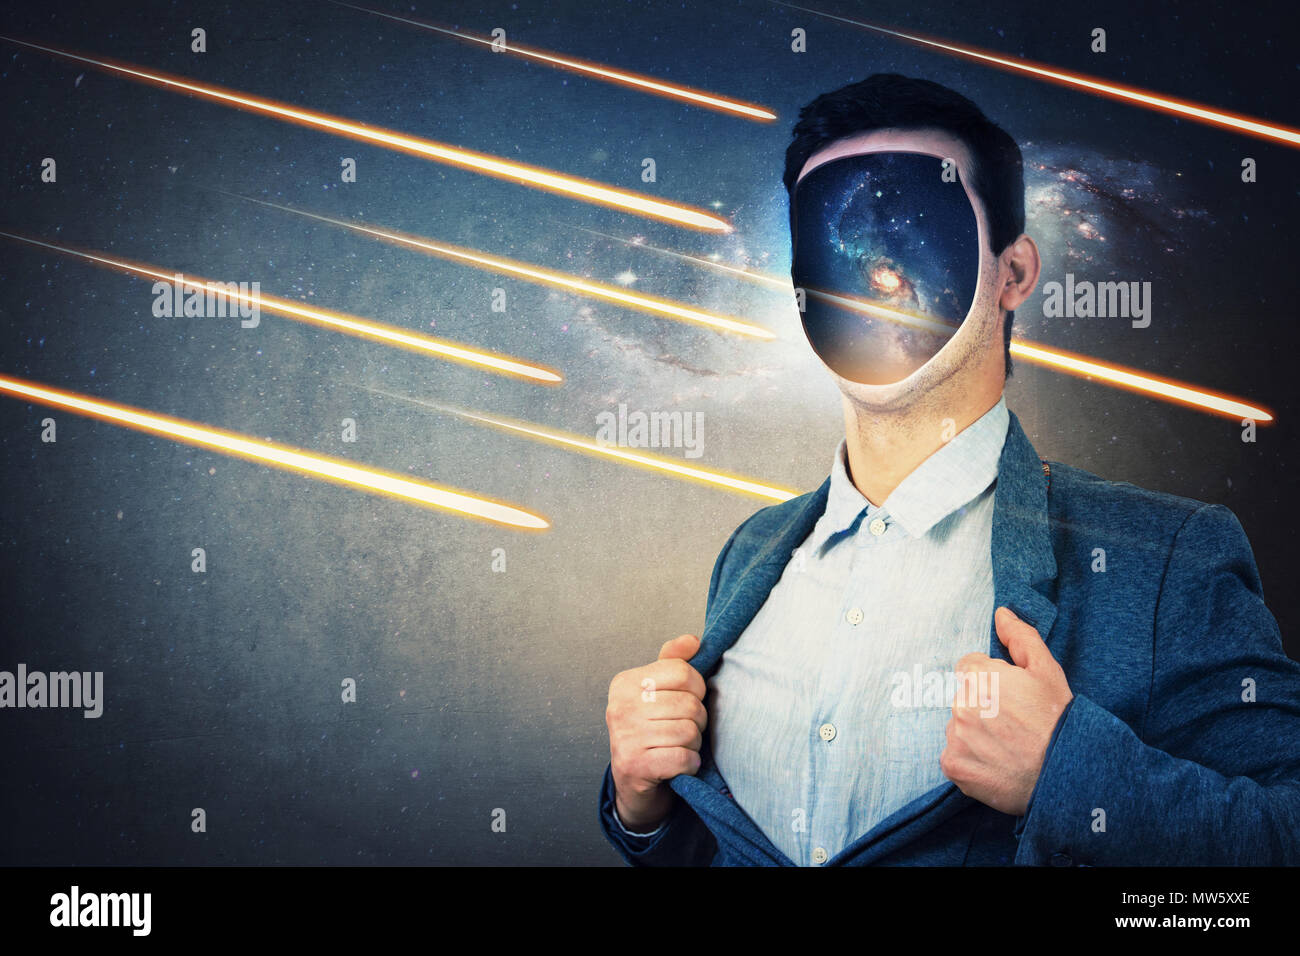 Junger Mann mit Cosmos statt sein Gesicht, das Abreißen aus seiner Jacke. Space galaxy innerhalb der menschlichen Kopf. Fantasy futuristischen Hintergrund mit fallenden Kometen und Stockbild